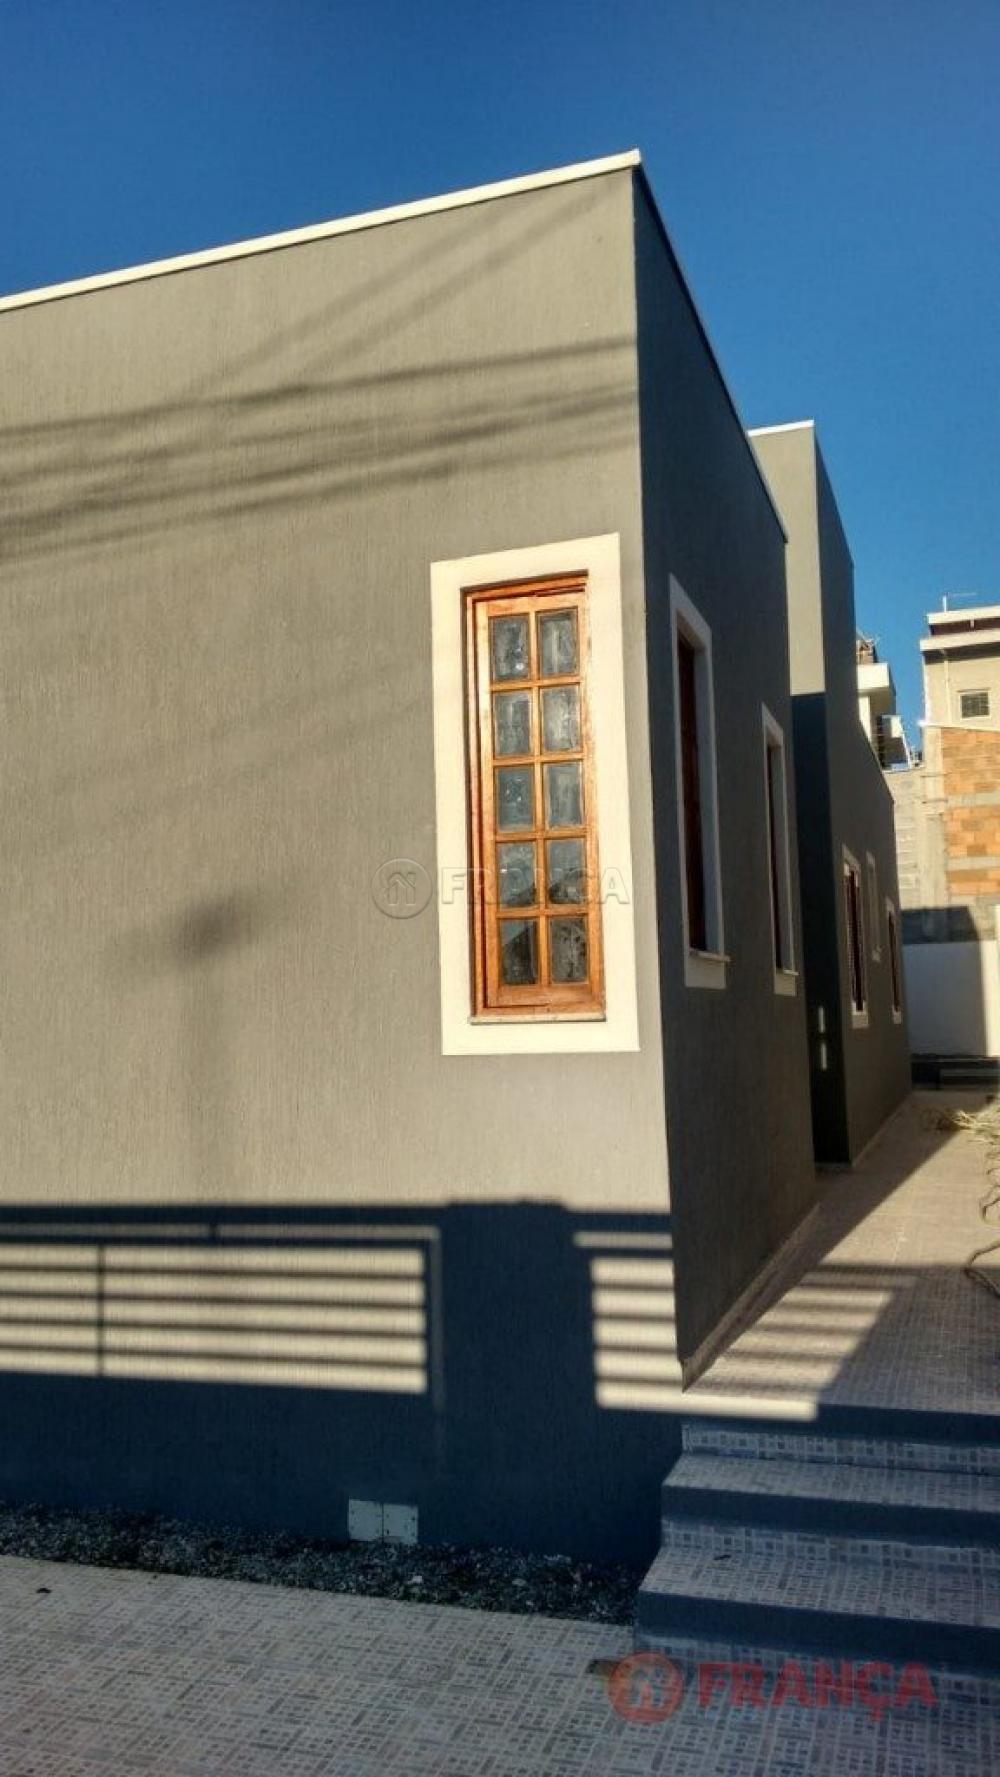 Comprar Casa / Padrão em Jacareí apenas R$ 265.000,00 - Foto 18